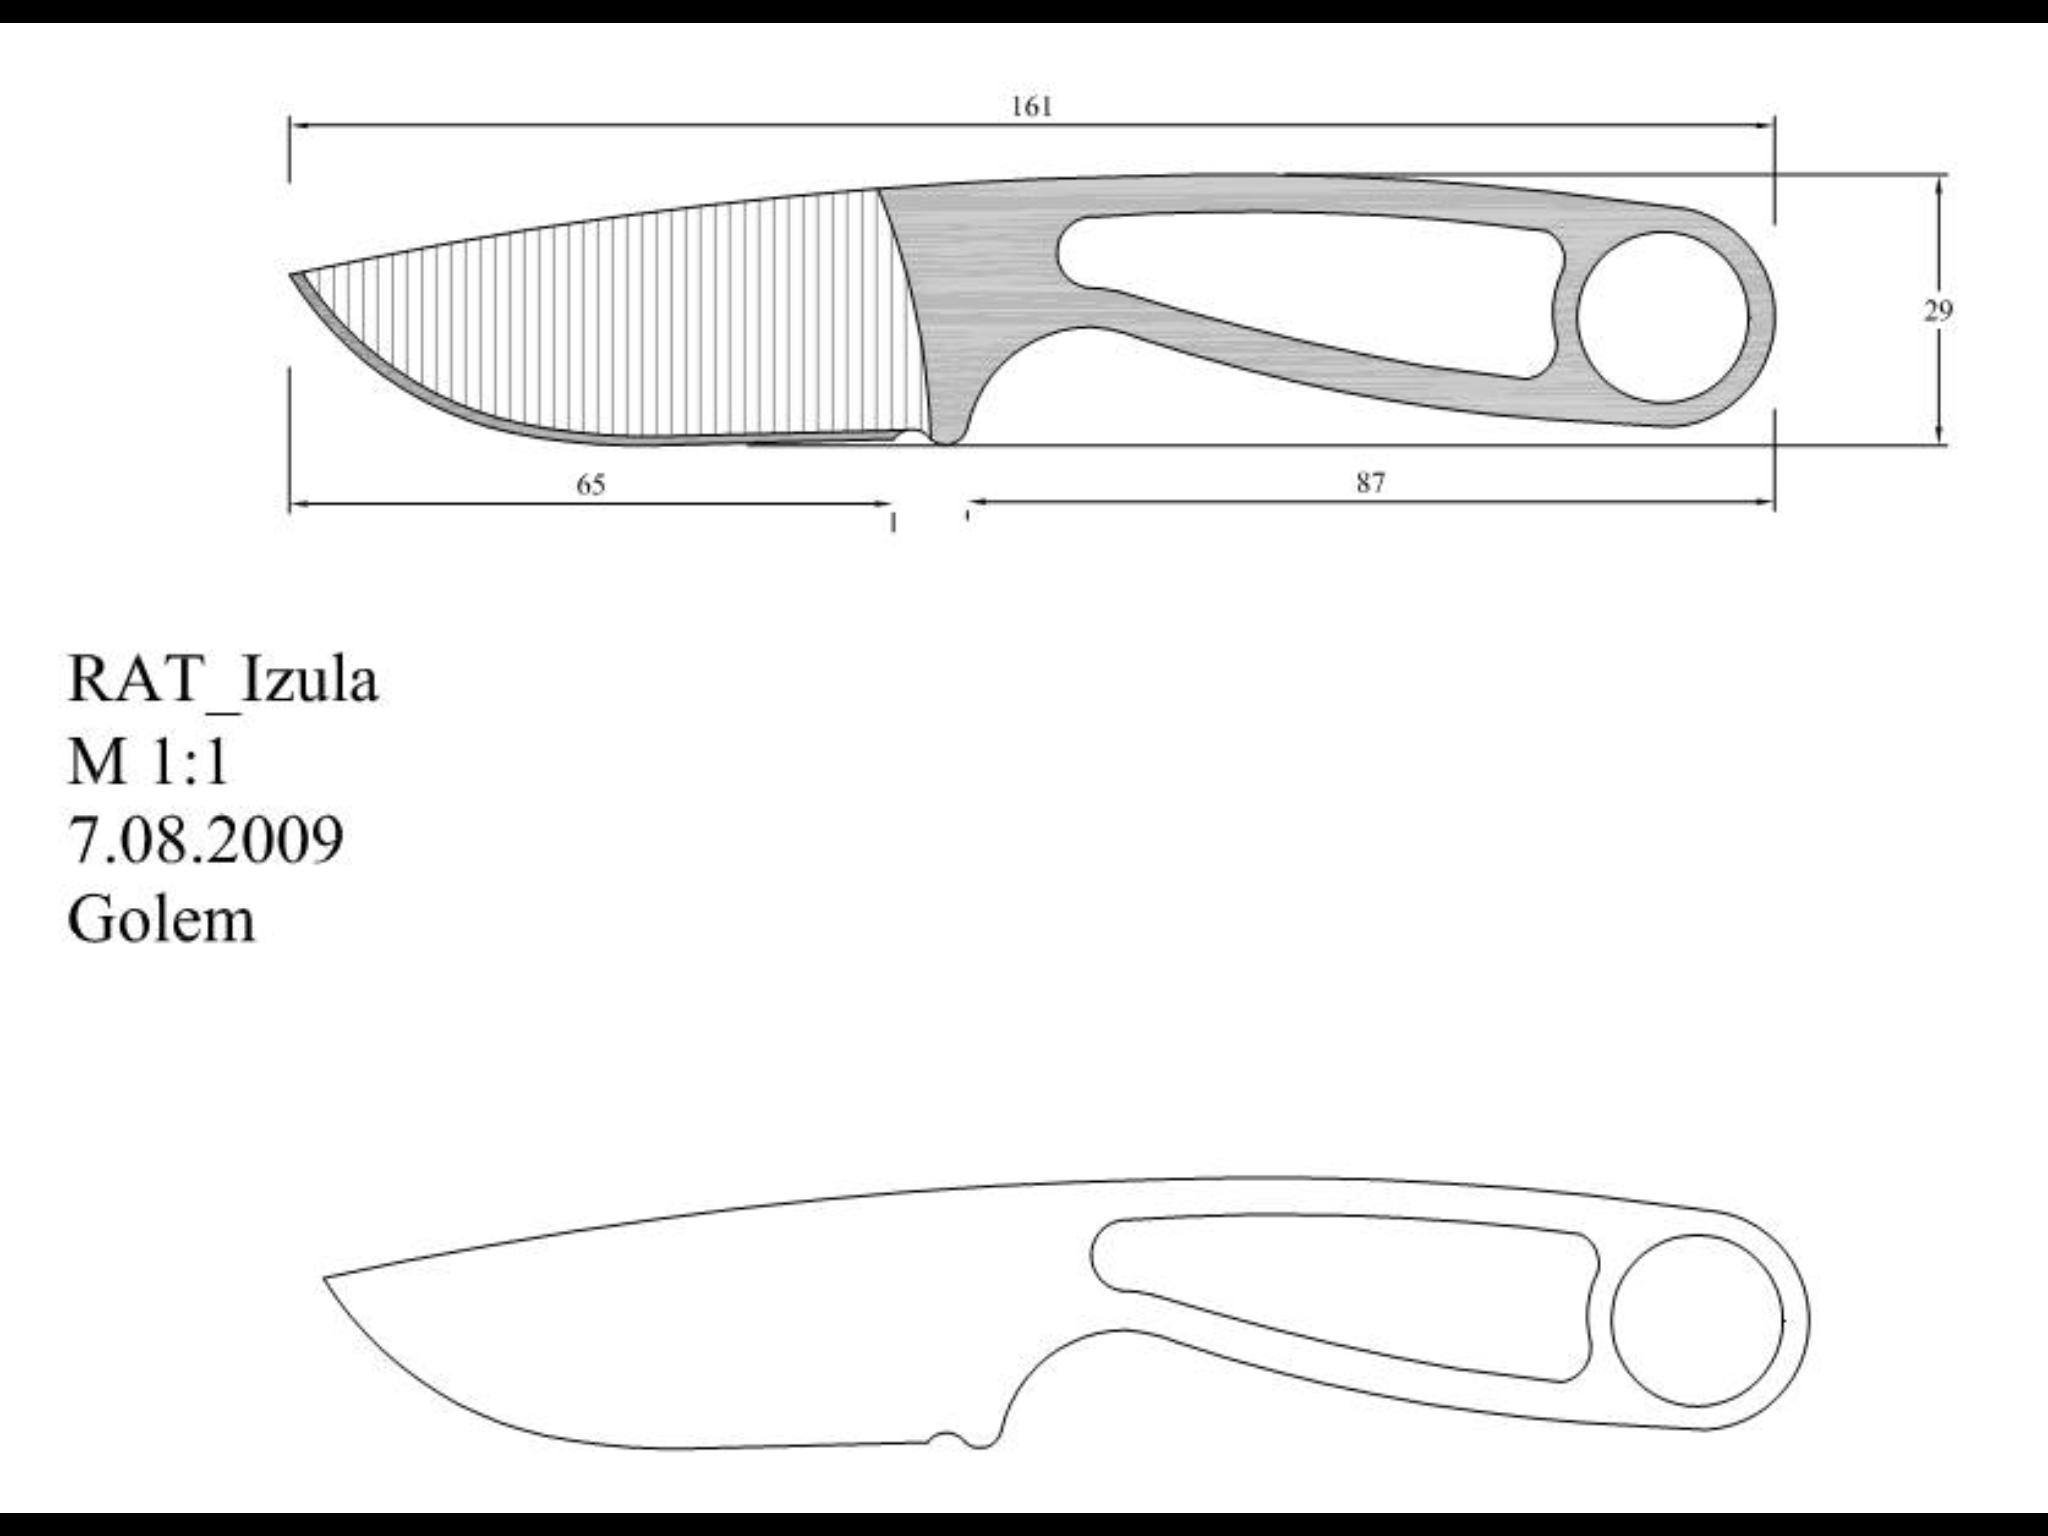 рисунок ножей для выпиливания из фанеры или продам животноводческую